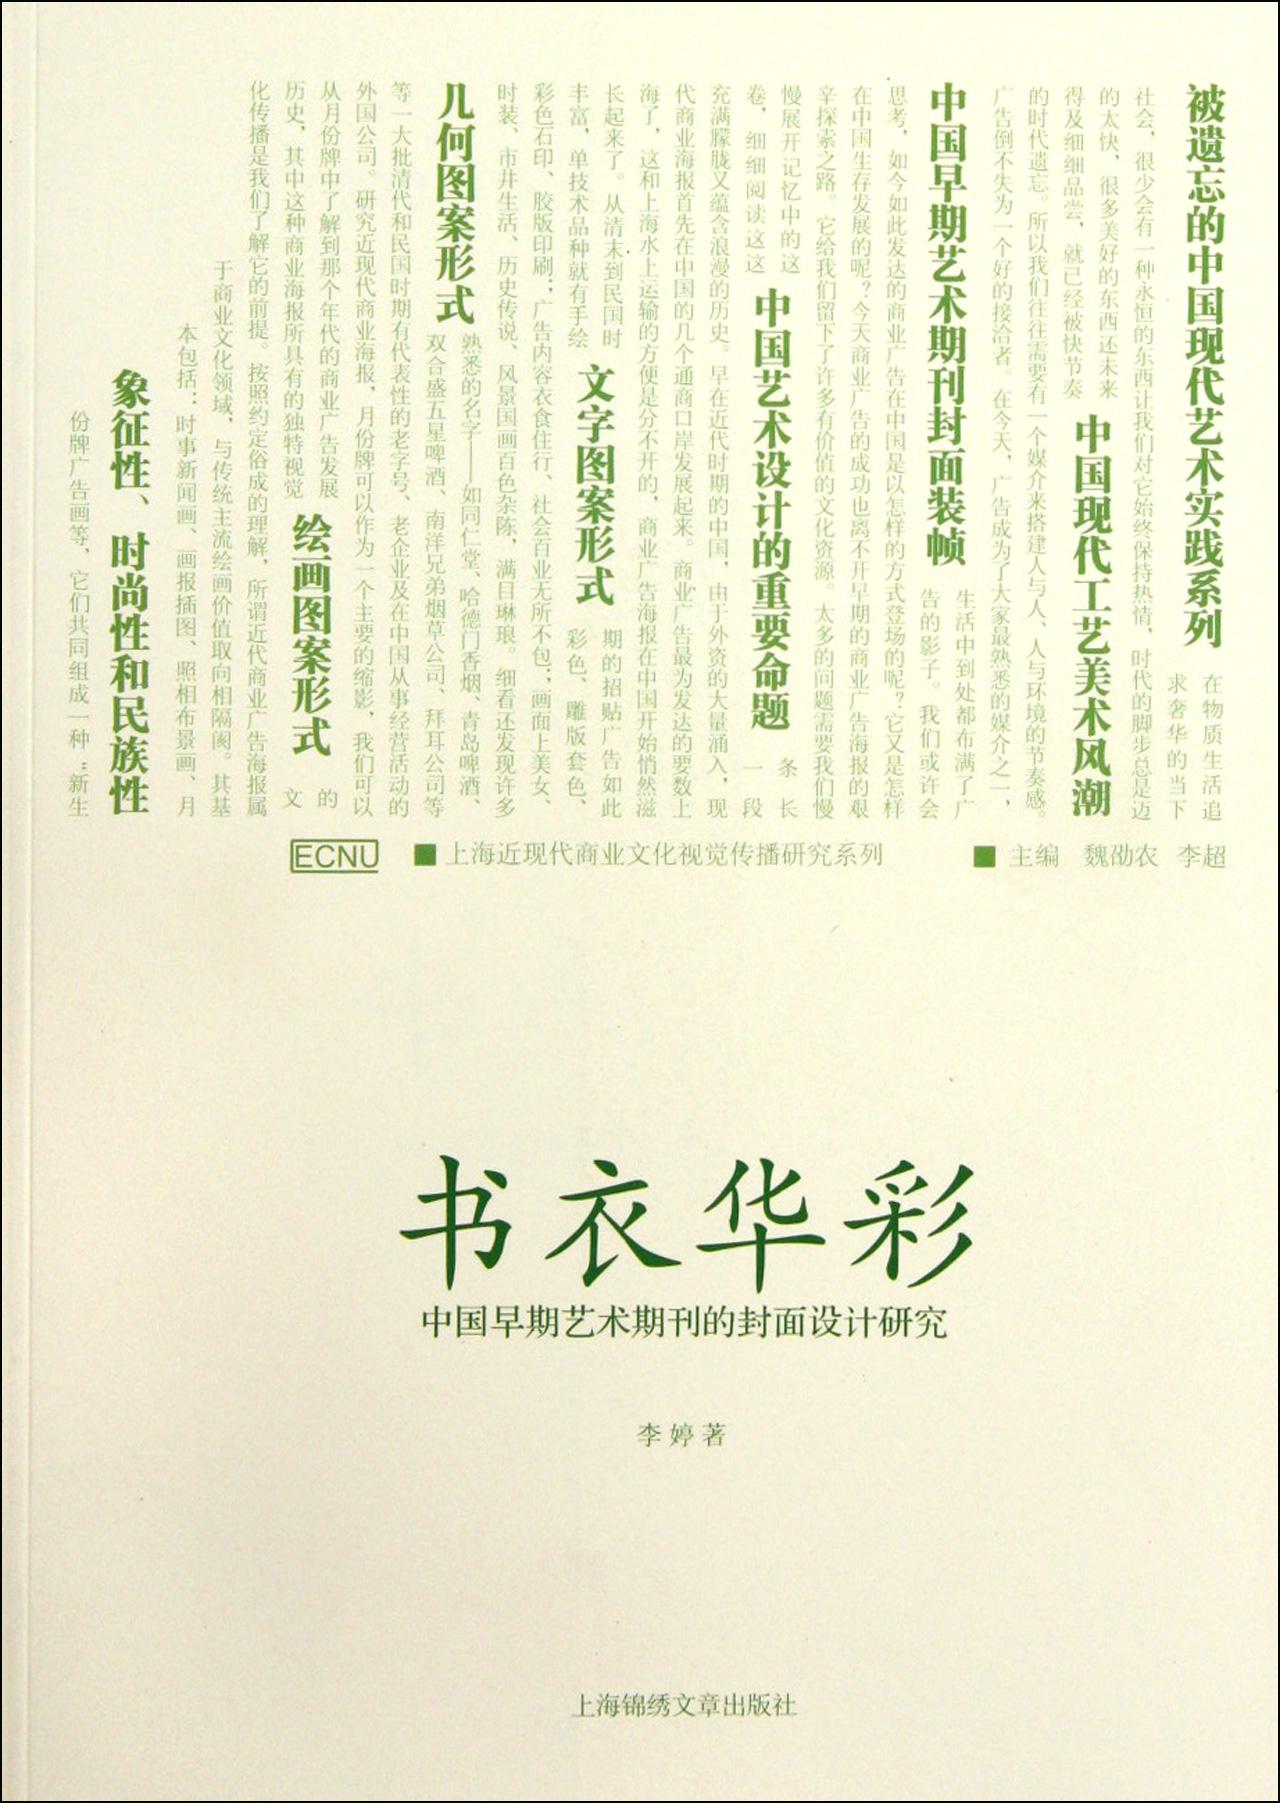 书衣华彩中国早期艺术期刊的封面设计研究 上海近现代商业文化视觉传